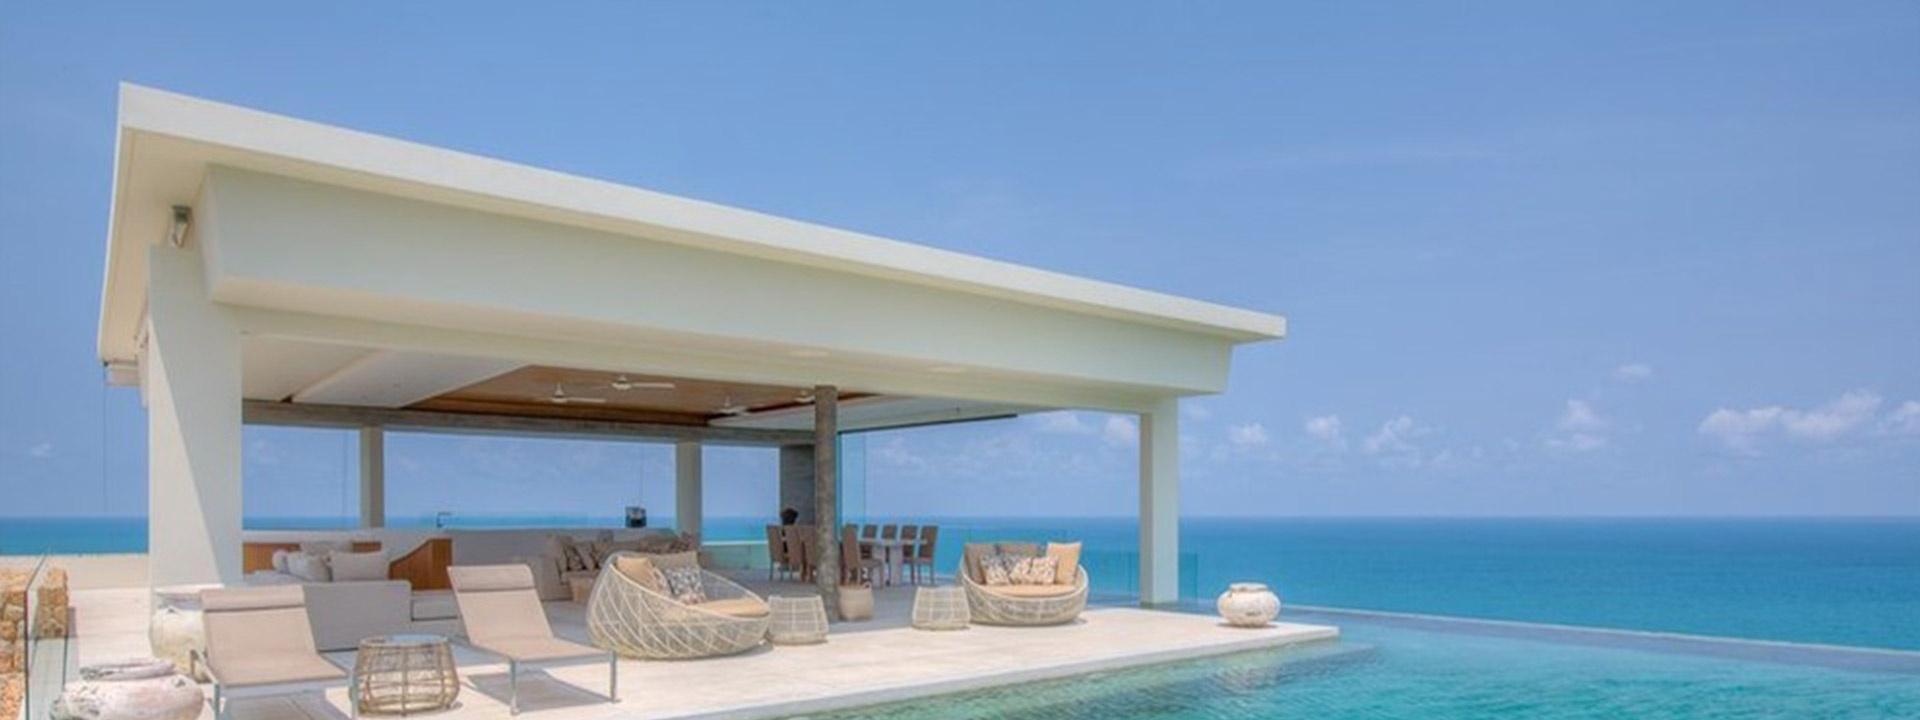 蘇梅島 薩穆嘉納30號別墅明星最愛,極致的海景